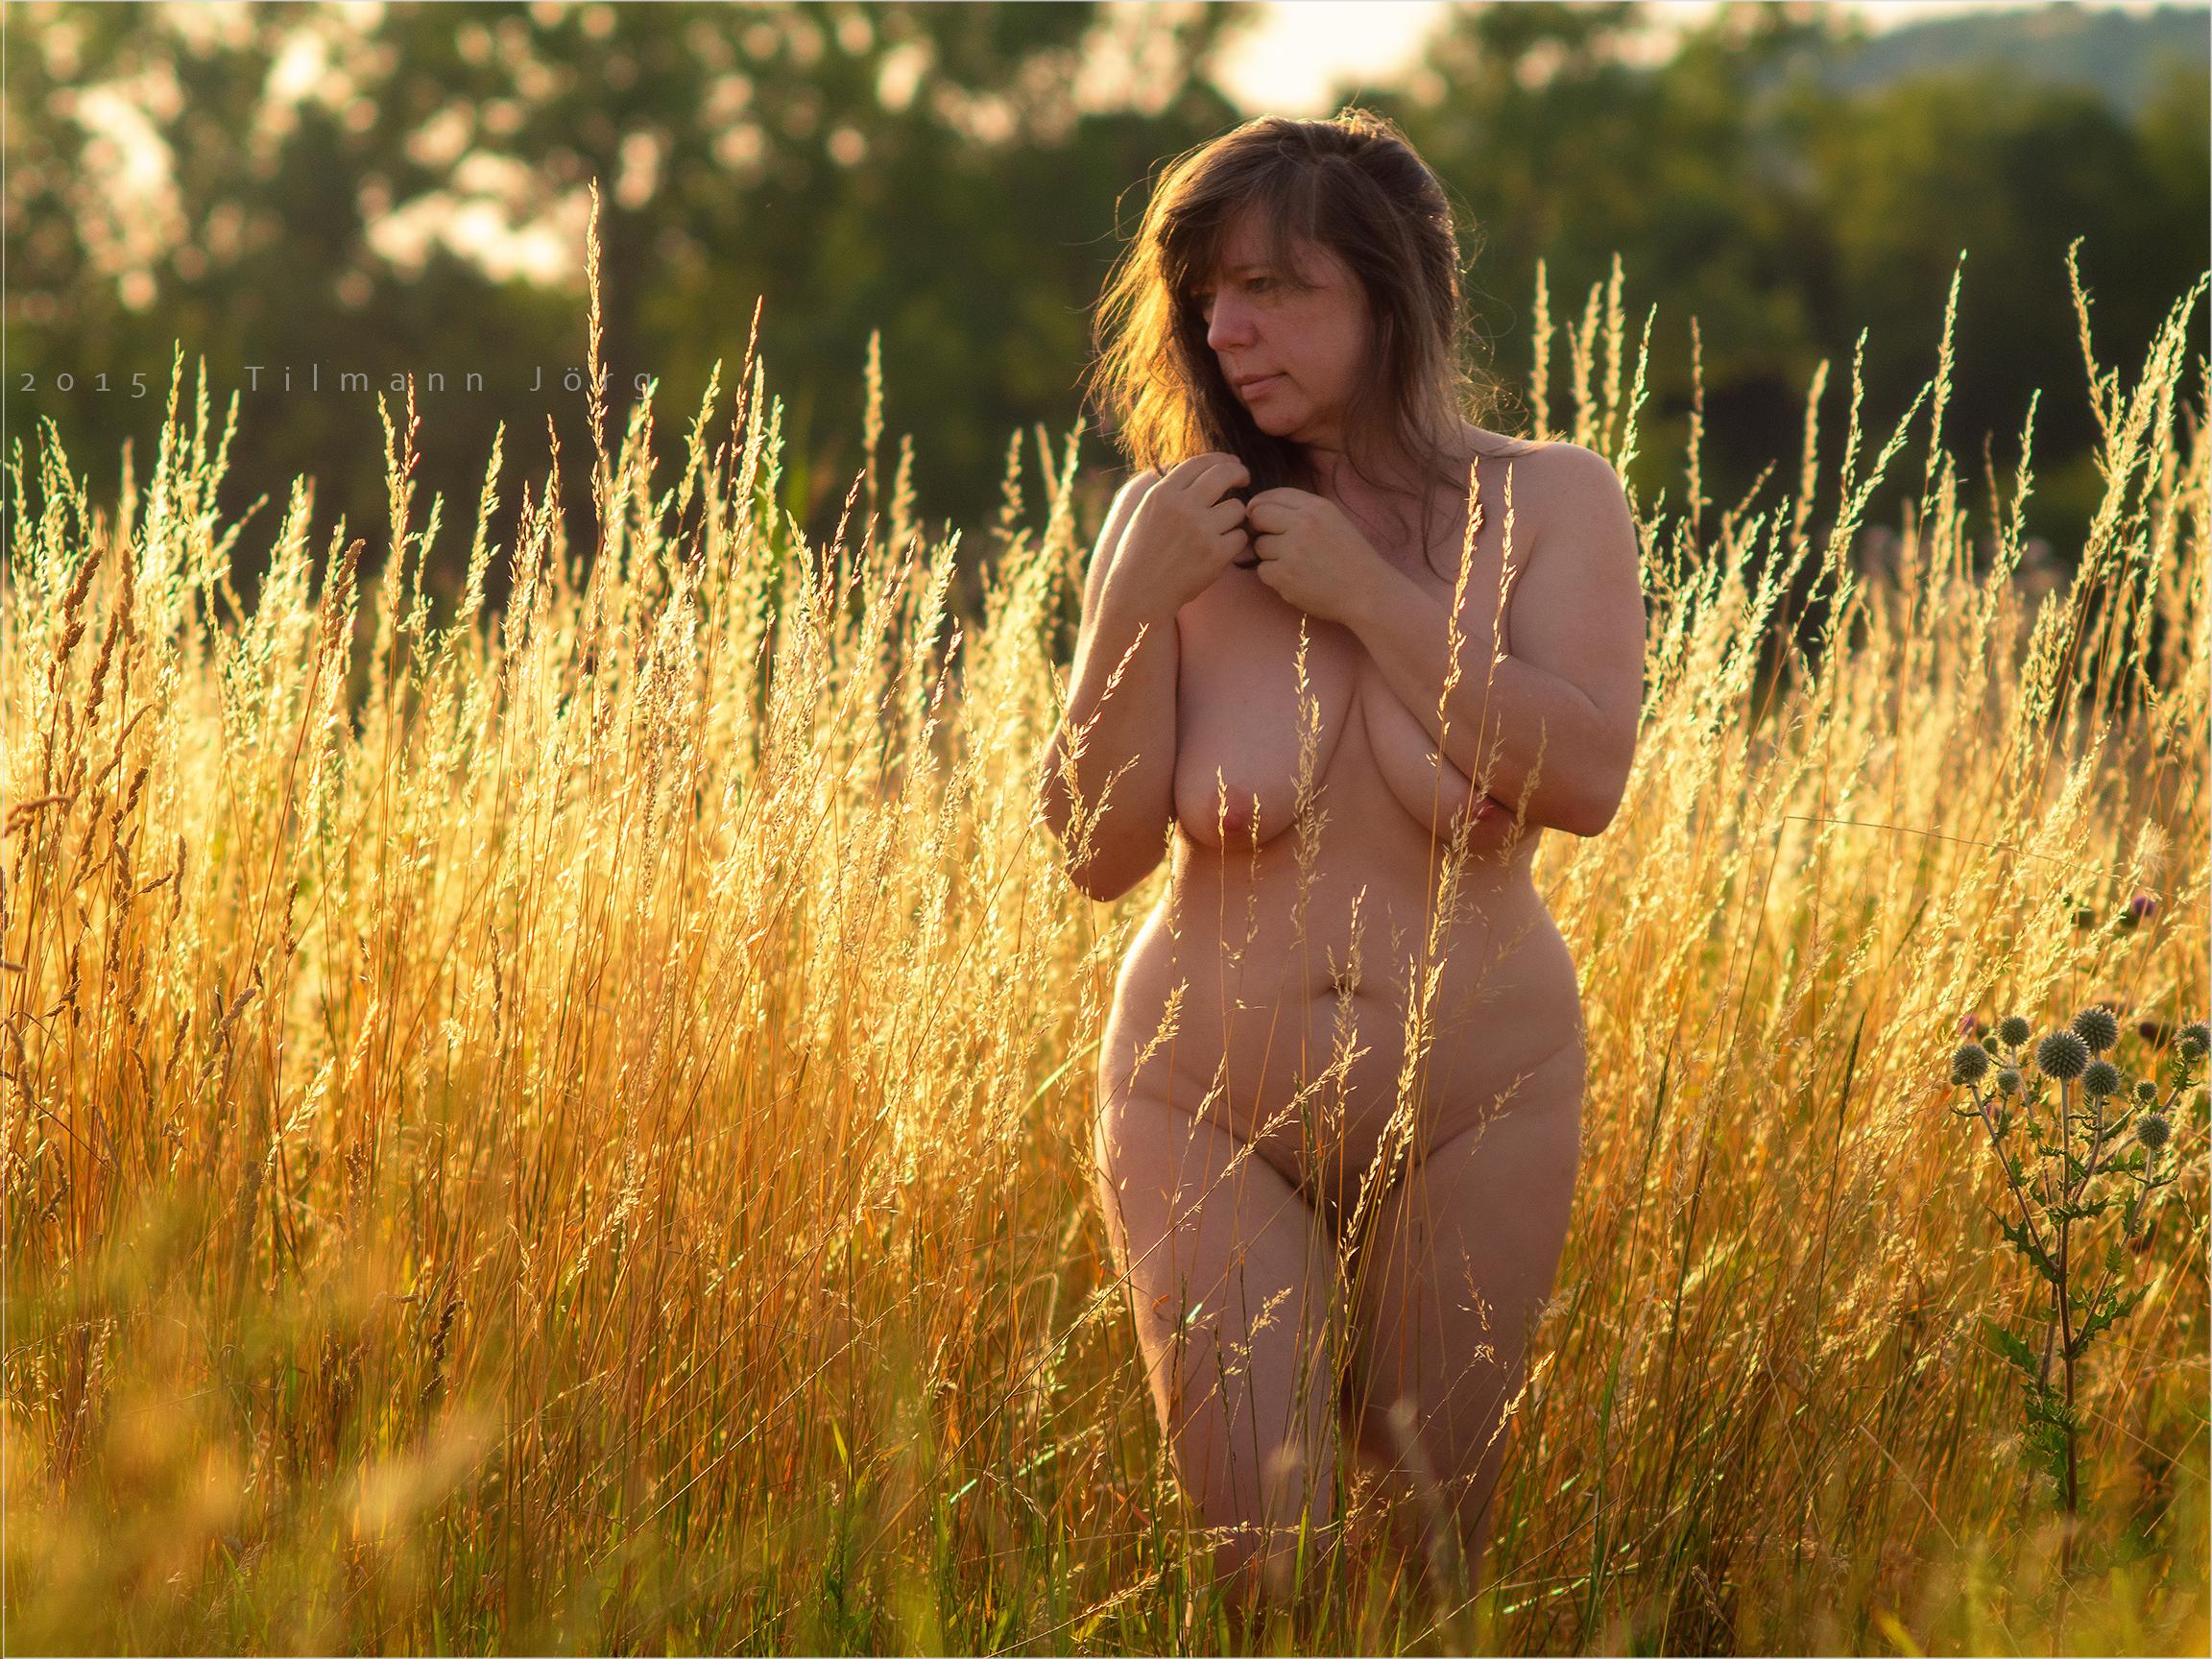 nackte Frau steht in goldgelber Sommerwiese